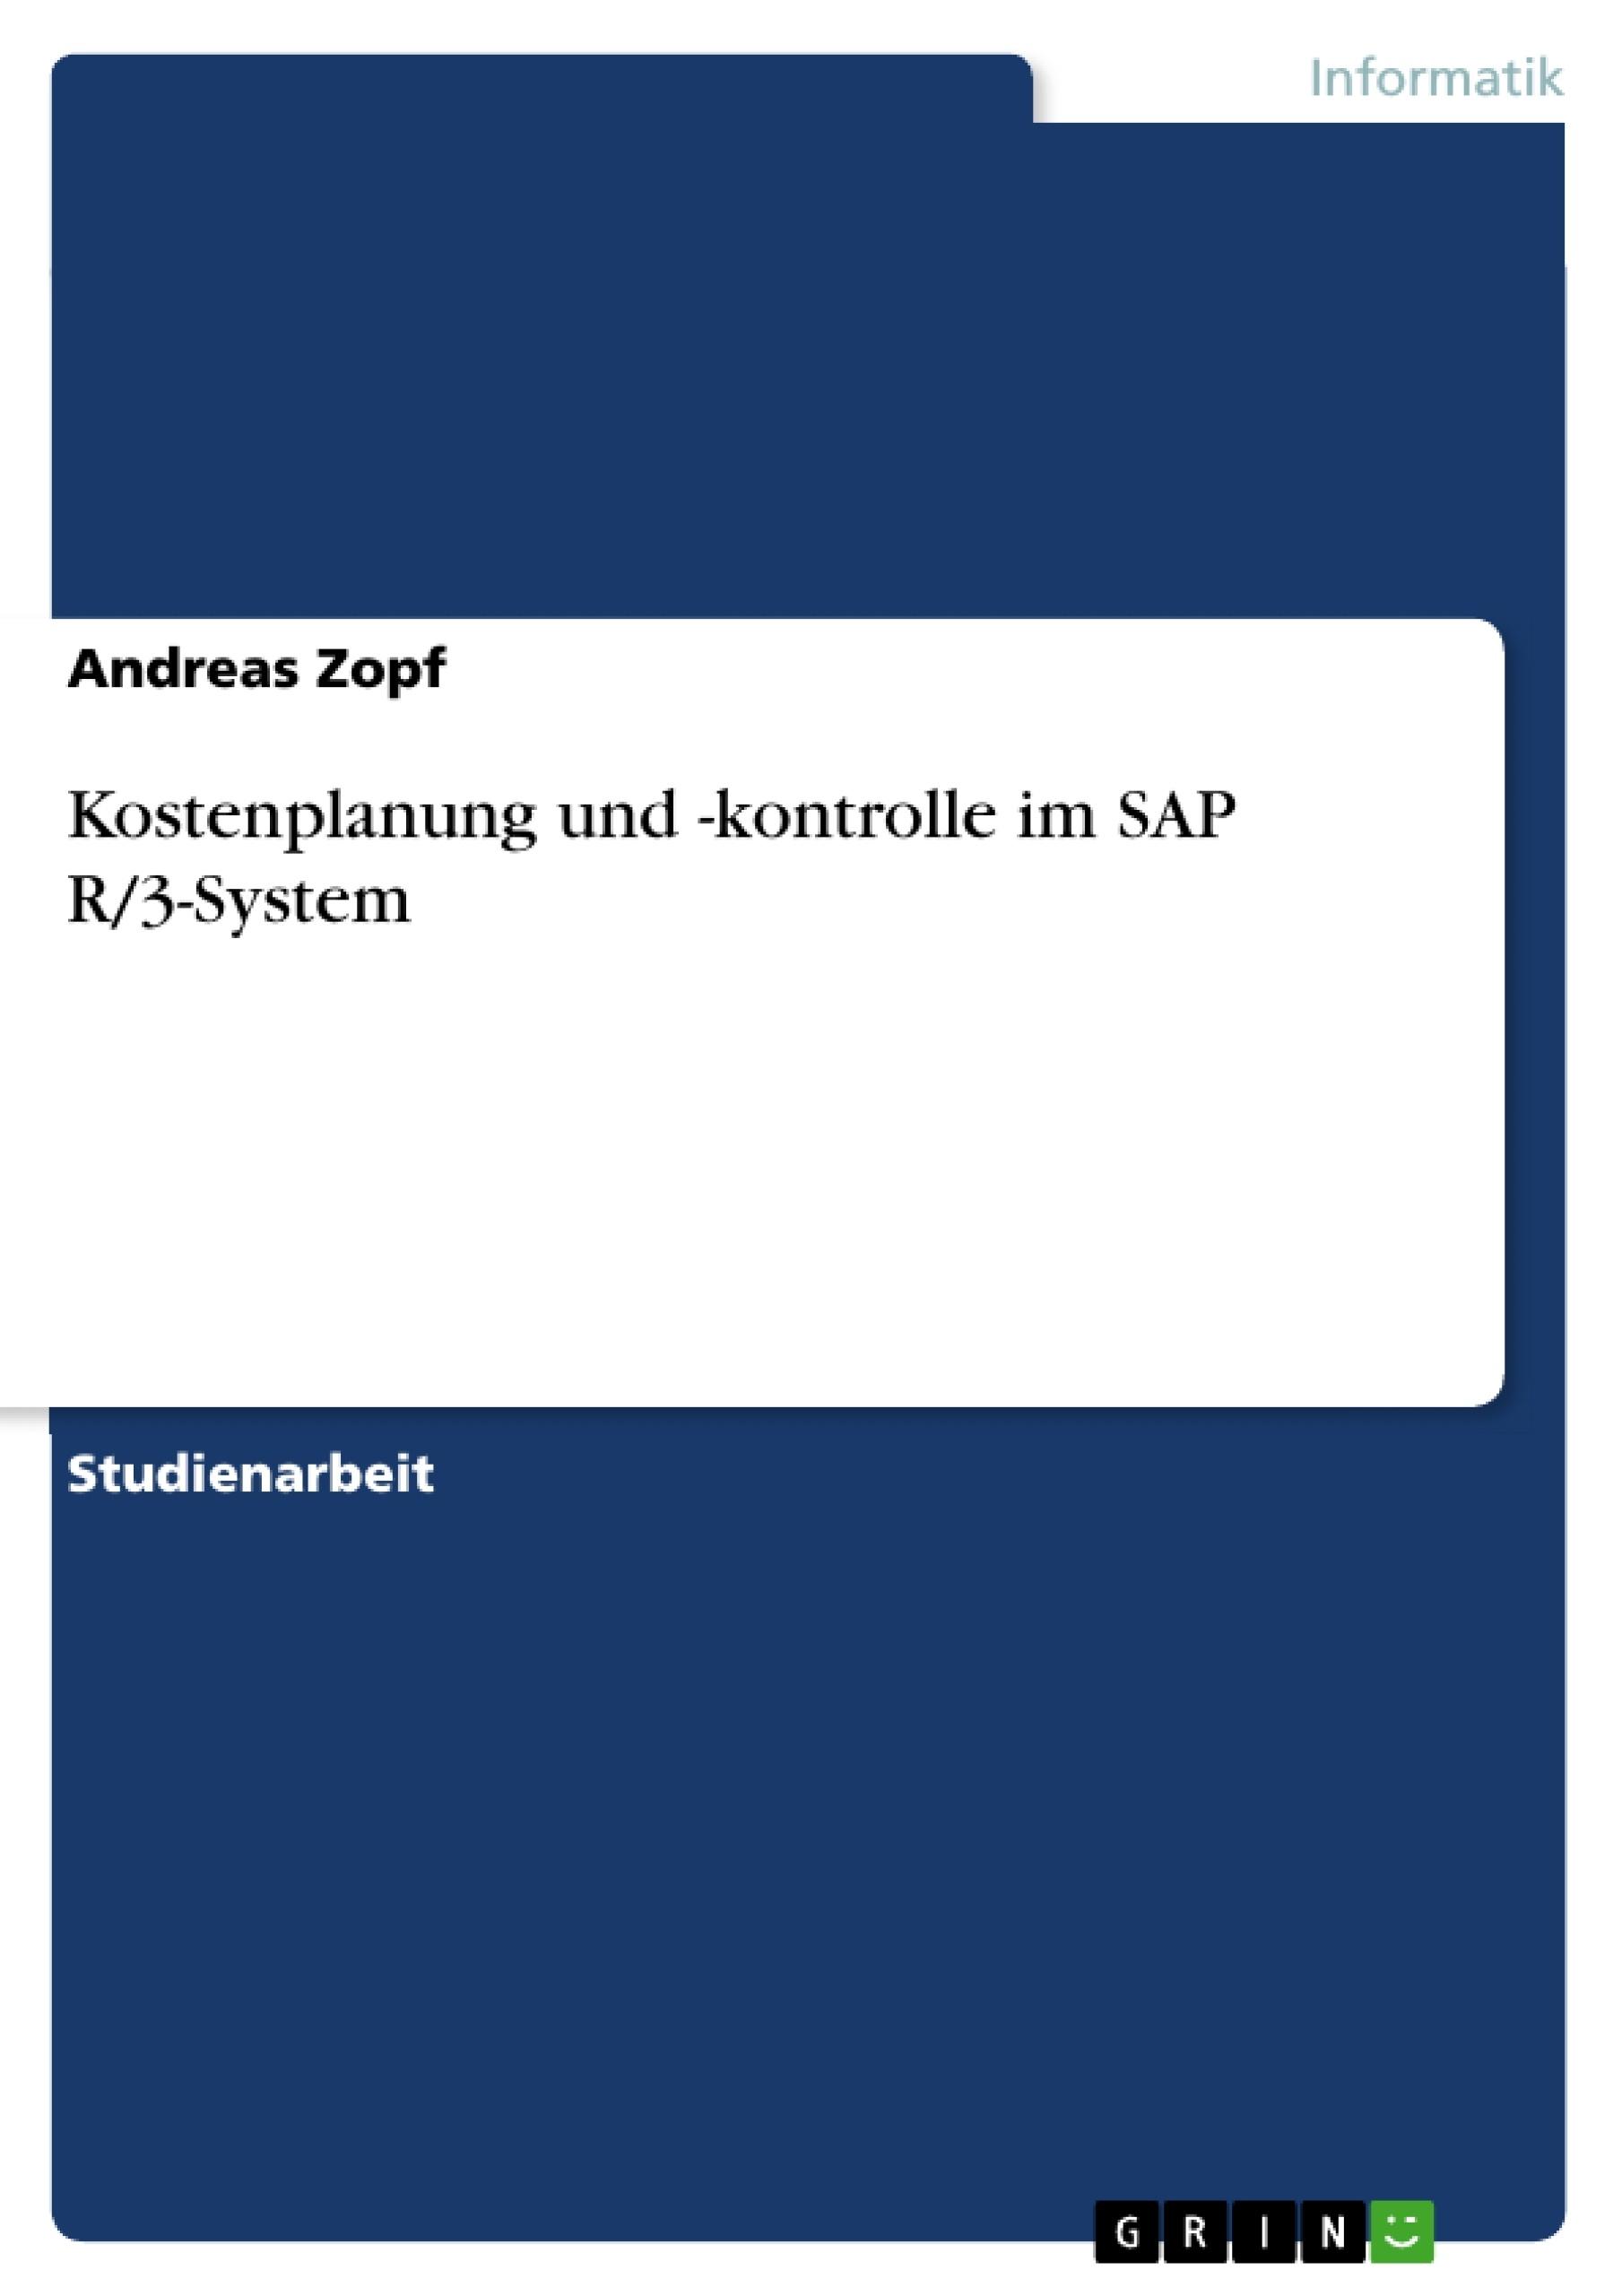 Titel: Kostenplanung und -kontrolle im SAP R/3-System